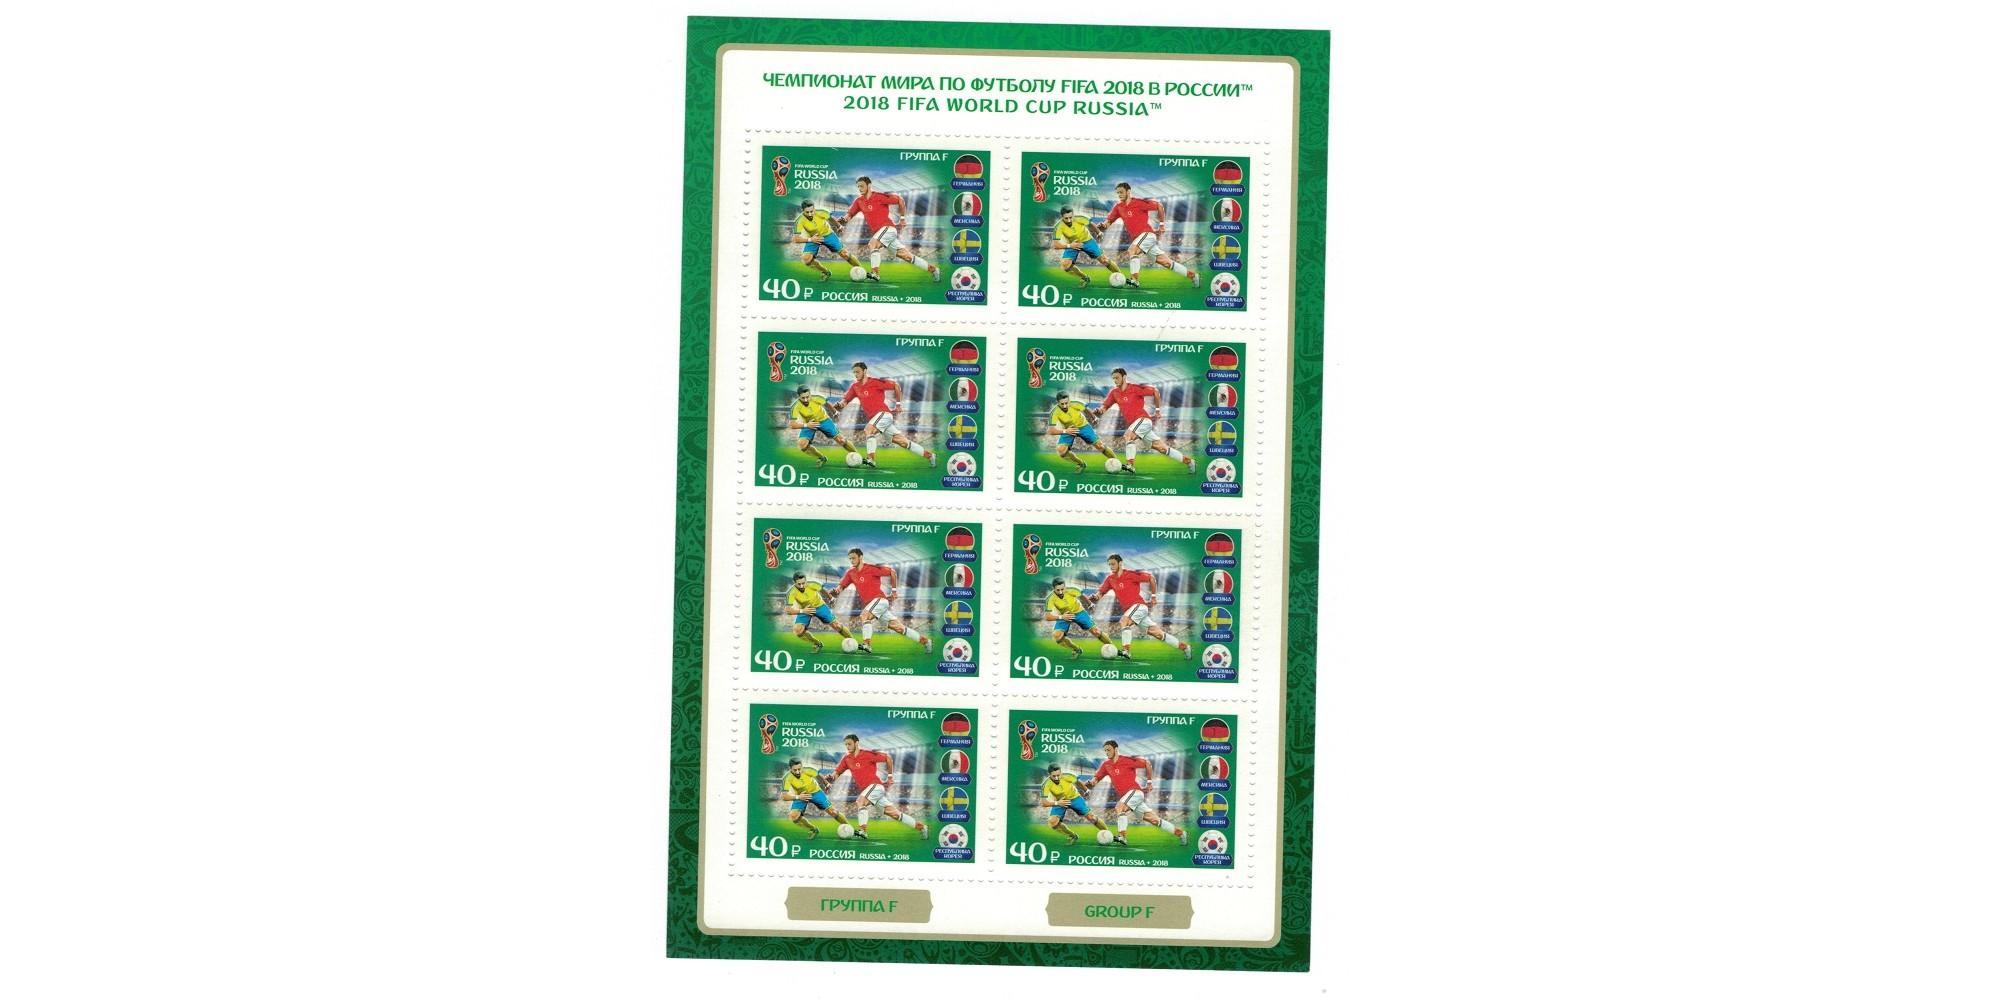 Блок марок Чемпионат мира по футболу FIFA 2018 в России: группа F